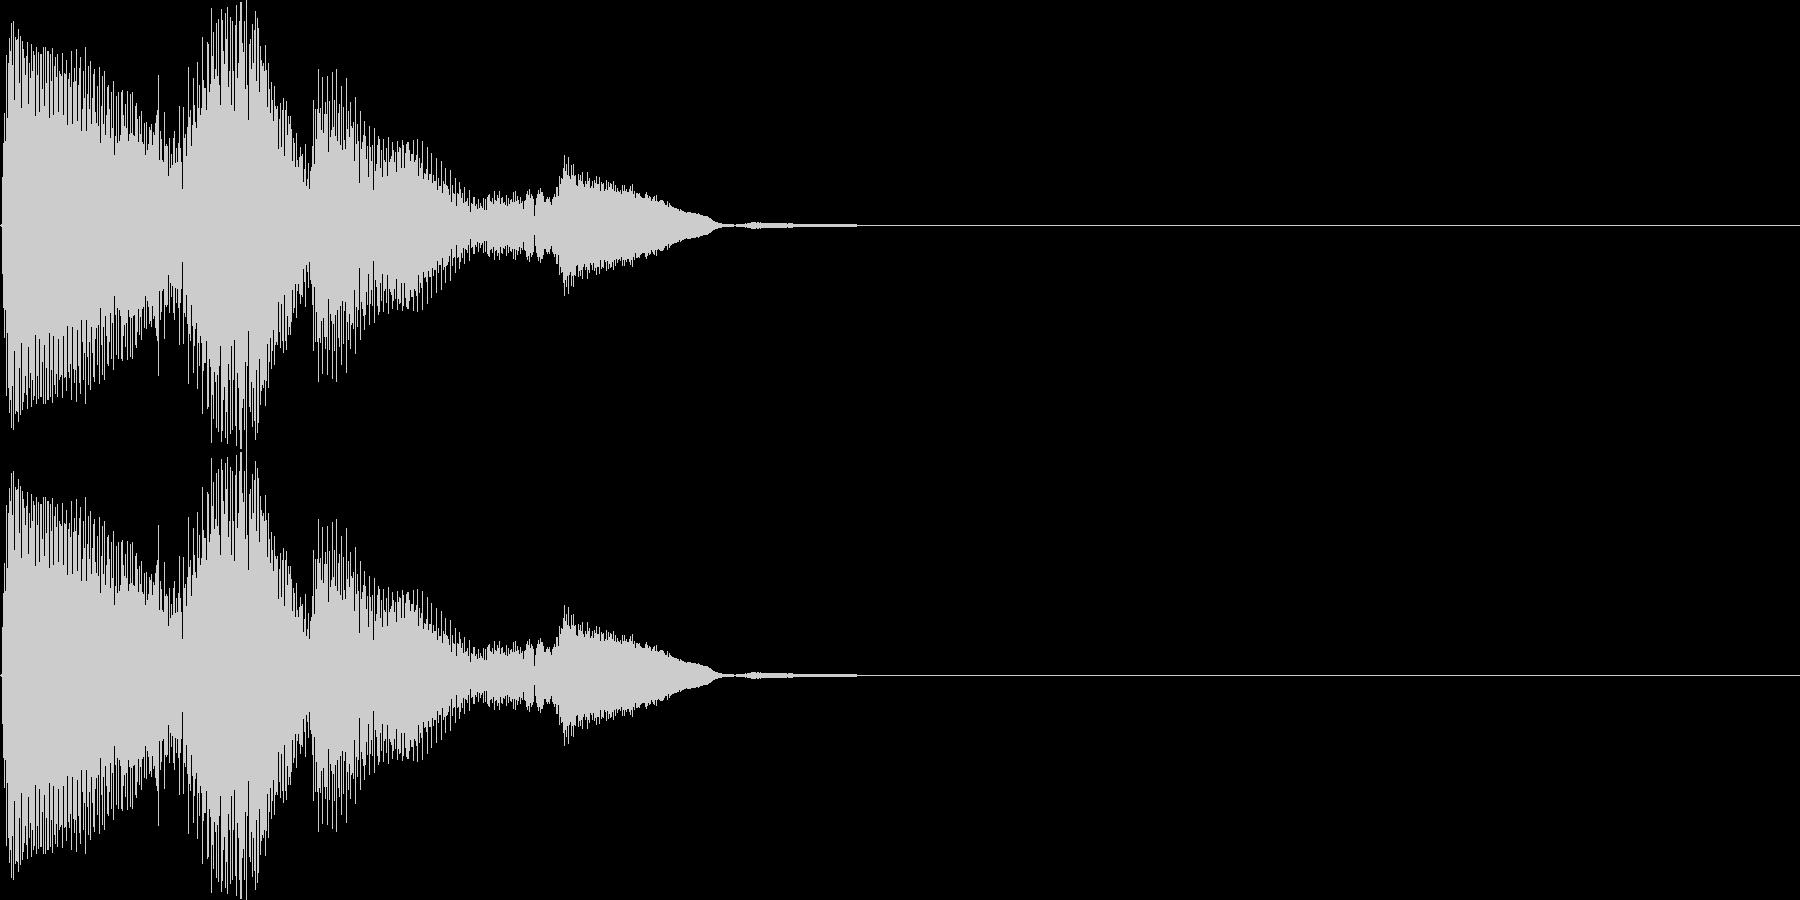 ピロリロン(決定、表示、ヒント、宝箱)の未再生の波形